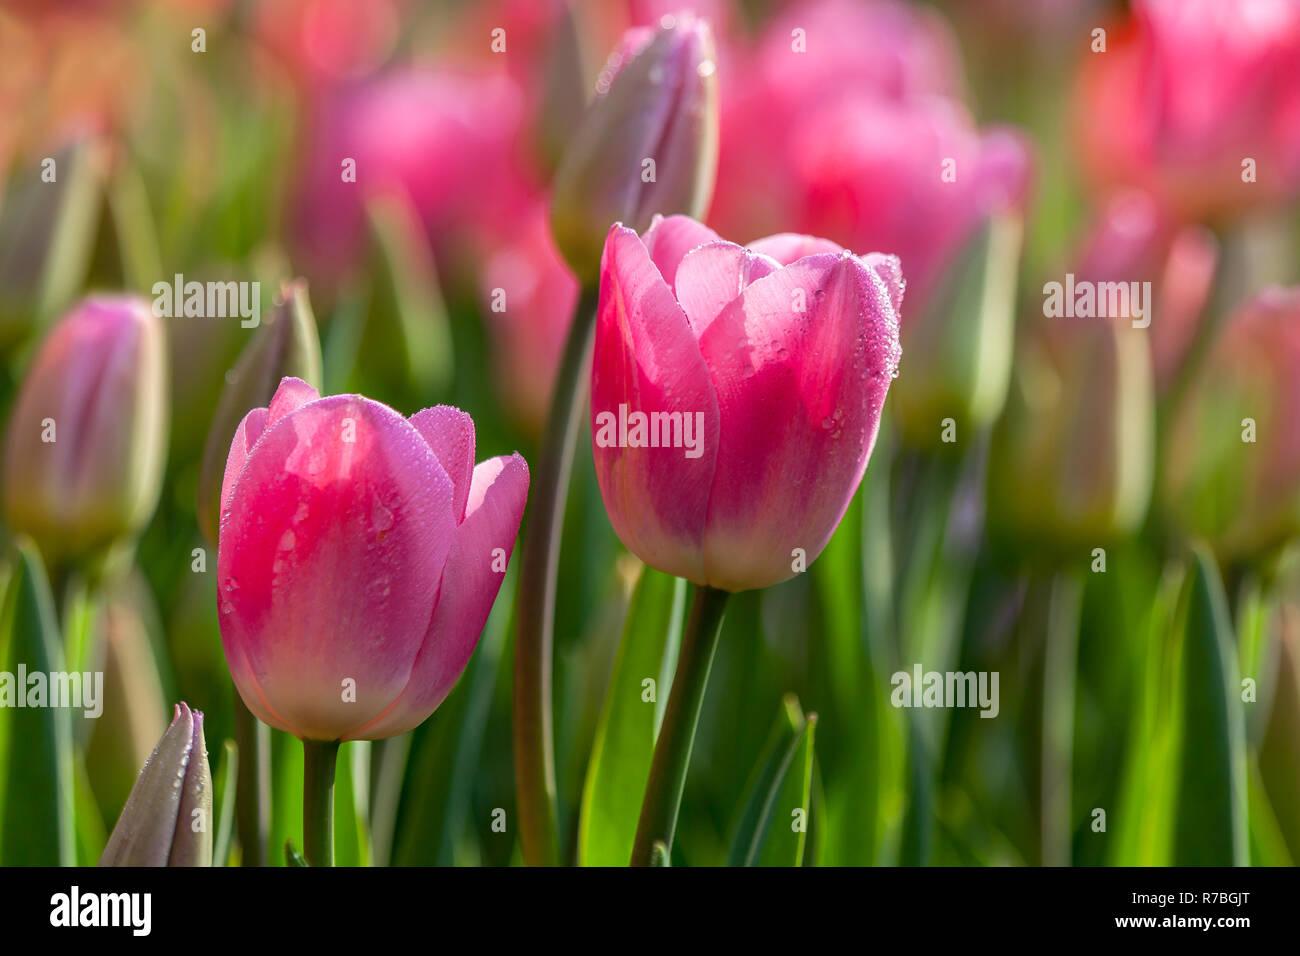 Wet pink tulips closeup - Stock Image